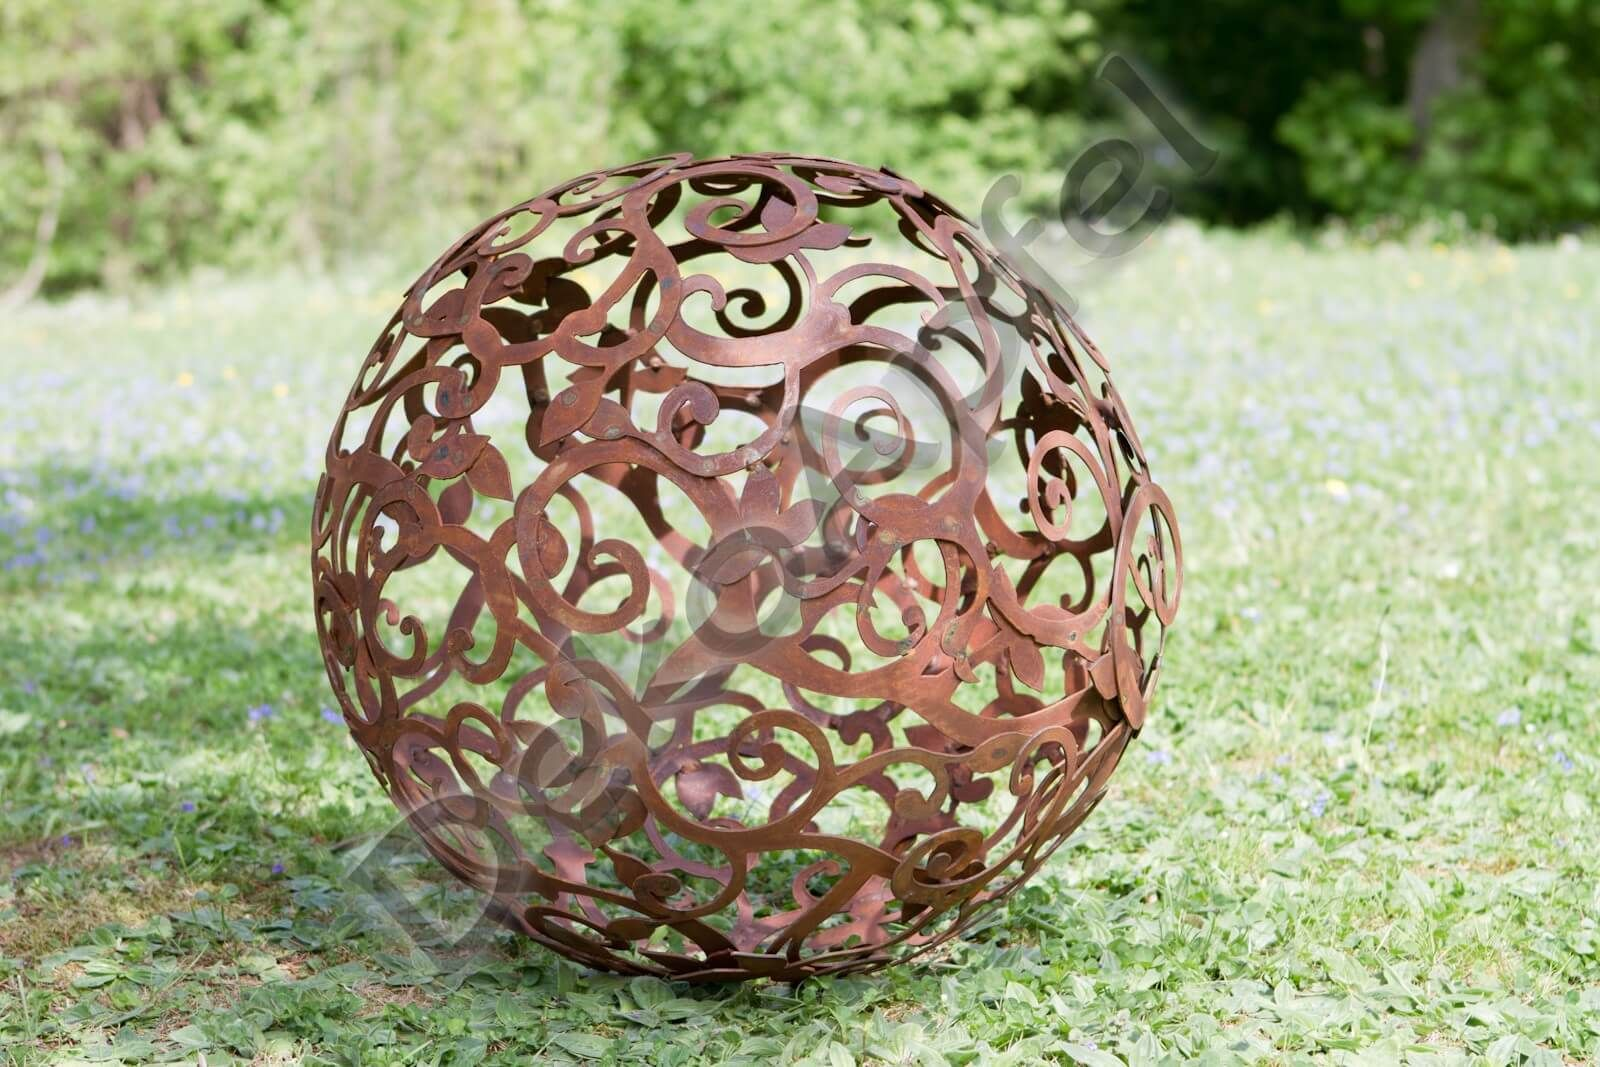 Diese Garten Kugel Ist Etwas Ganz Besonderes Aus Einzelnen Edelrost Blattern Und Asten Von Hand Zusammen Geschweisst Bildet Sie Edelrost Gartenkugeln Garten